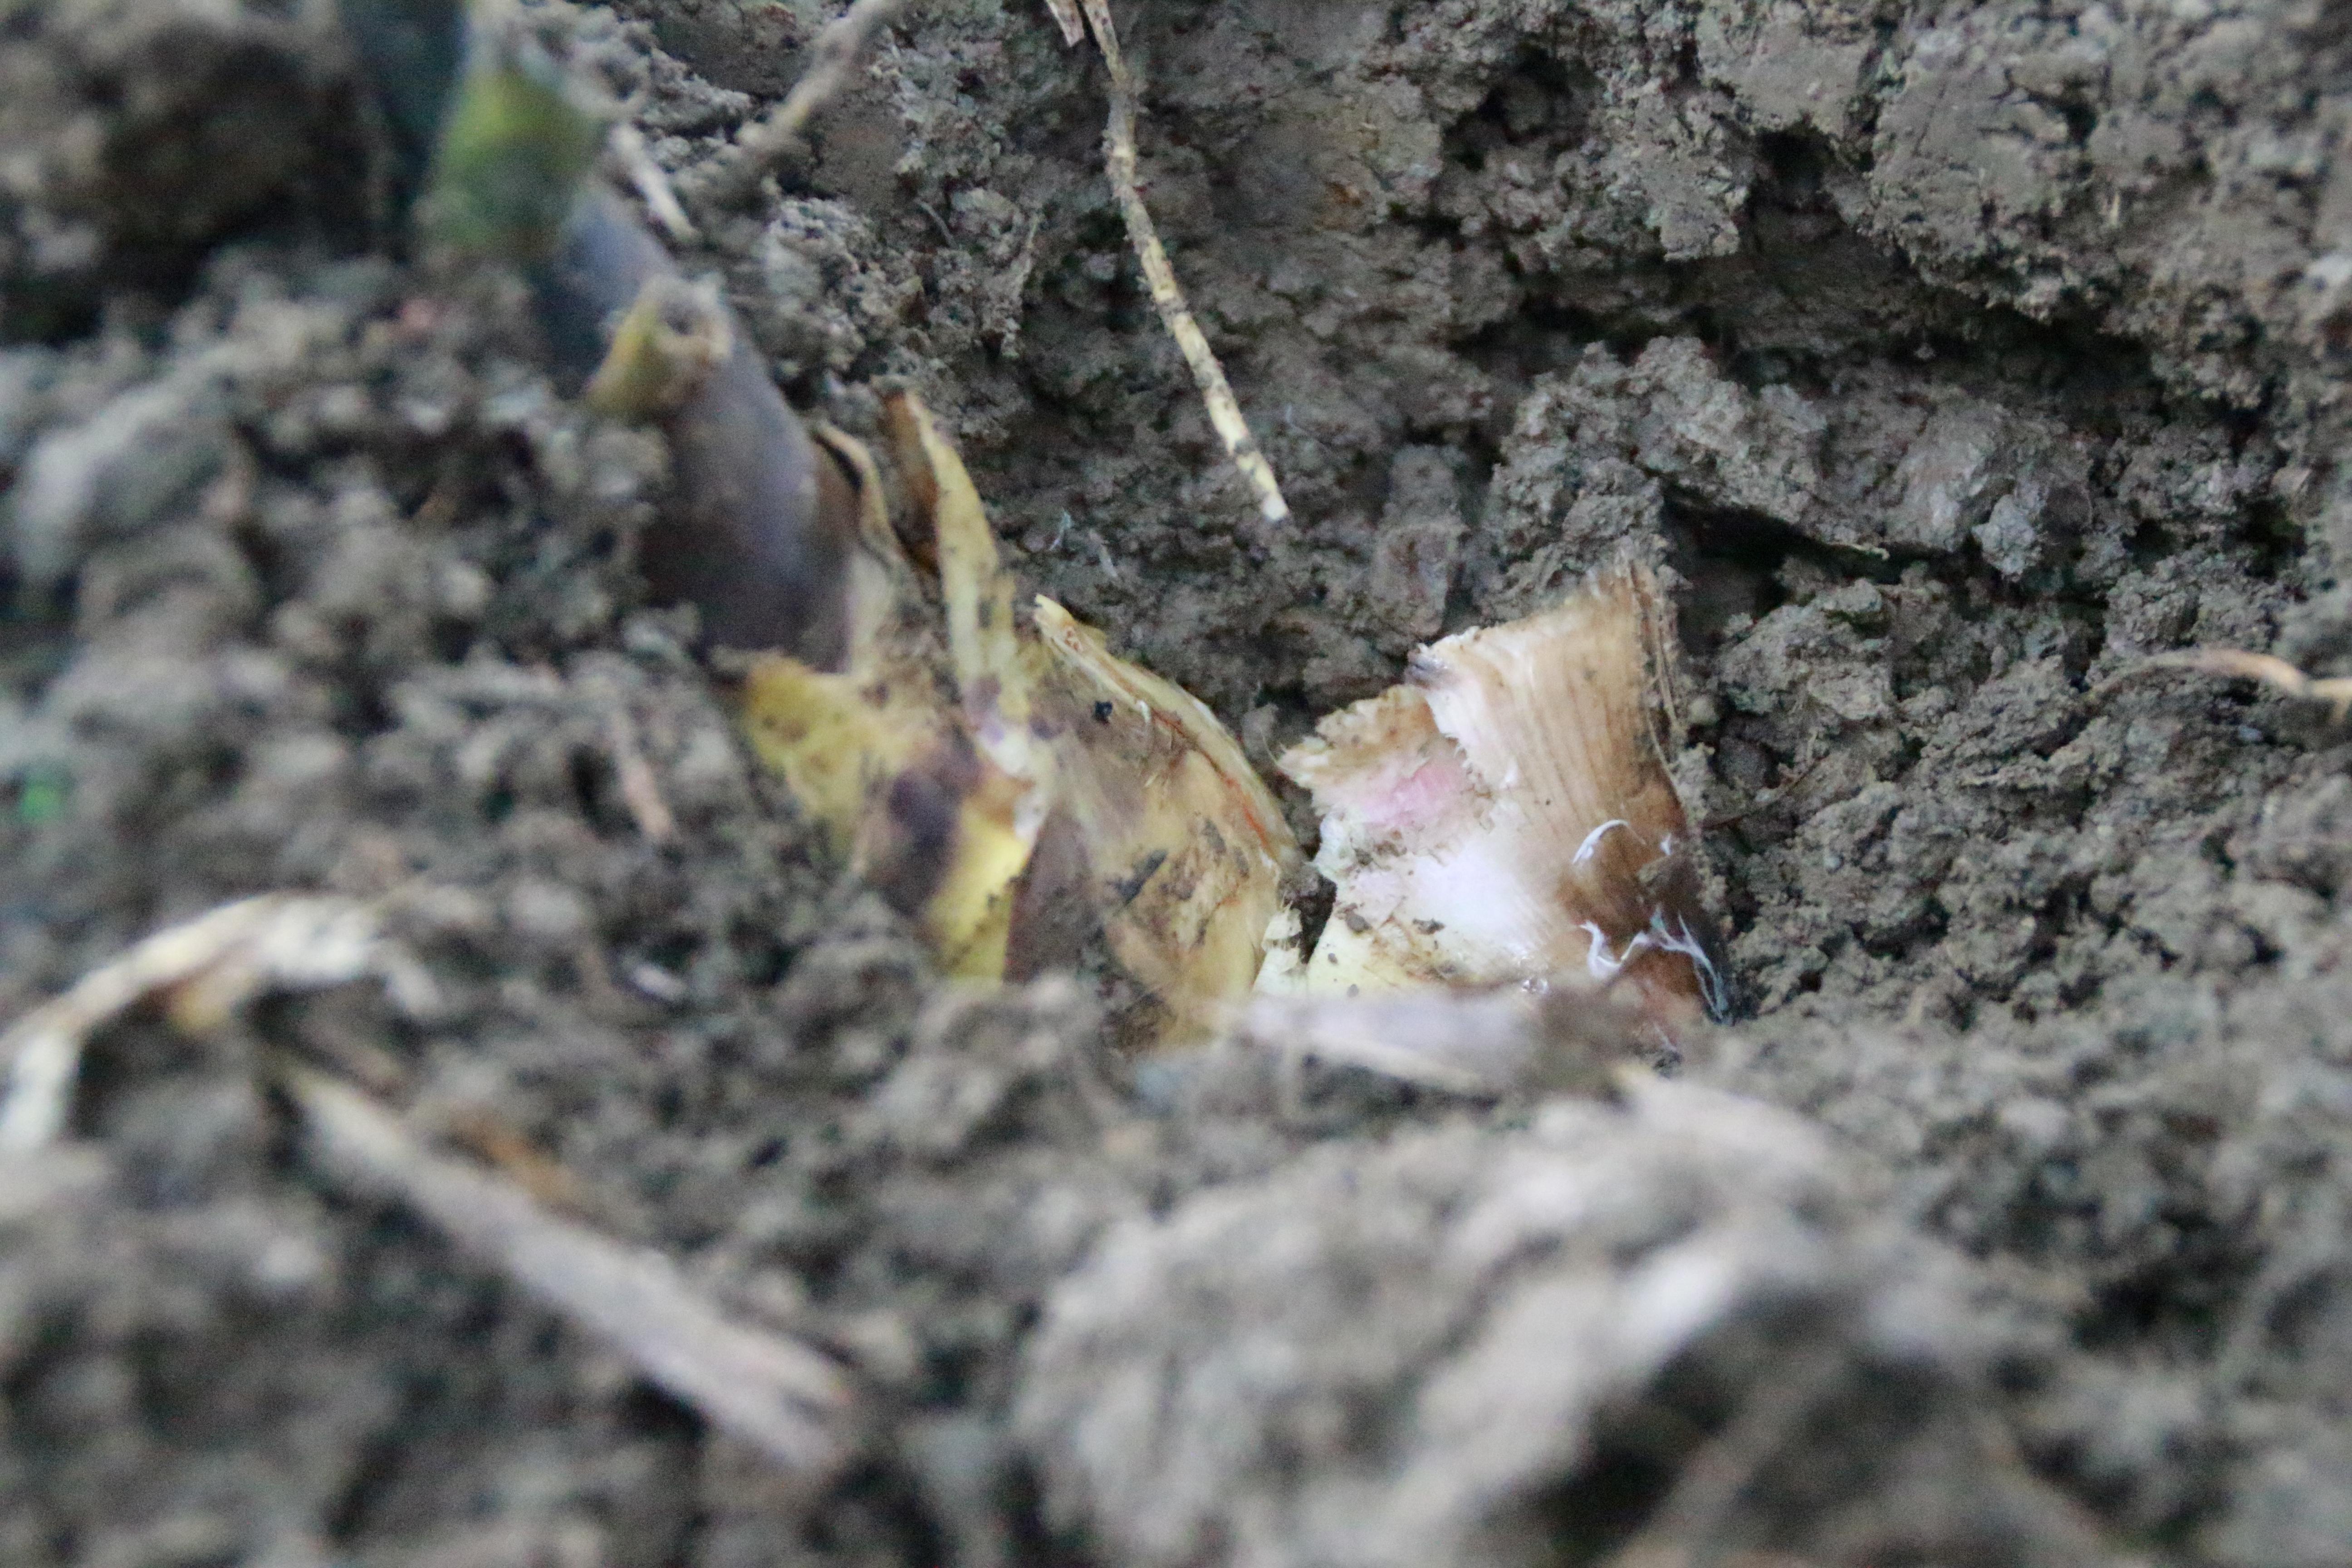 綠竹筍種植、收成週期短,農民需與時間賽跑。攝影/邵永輝